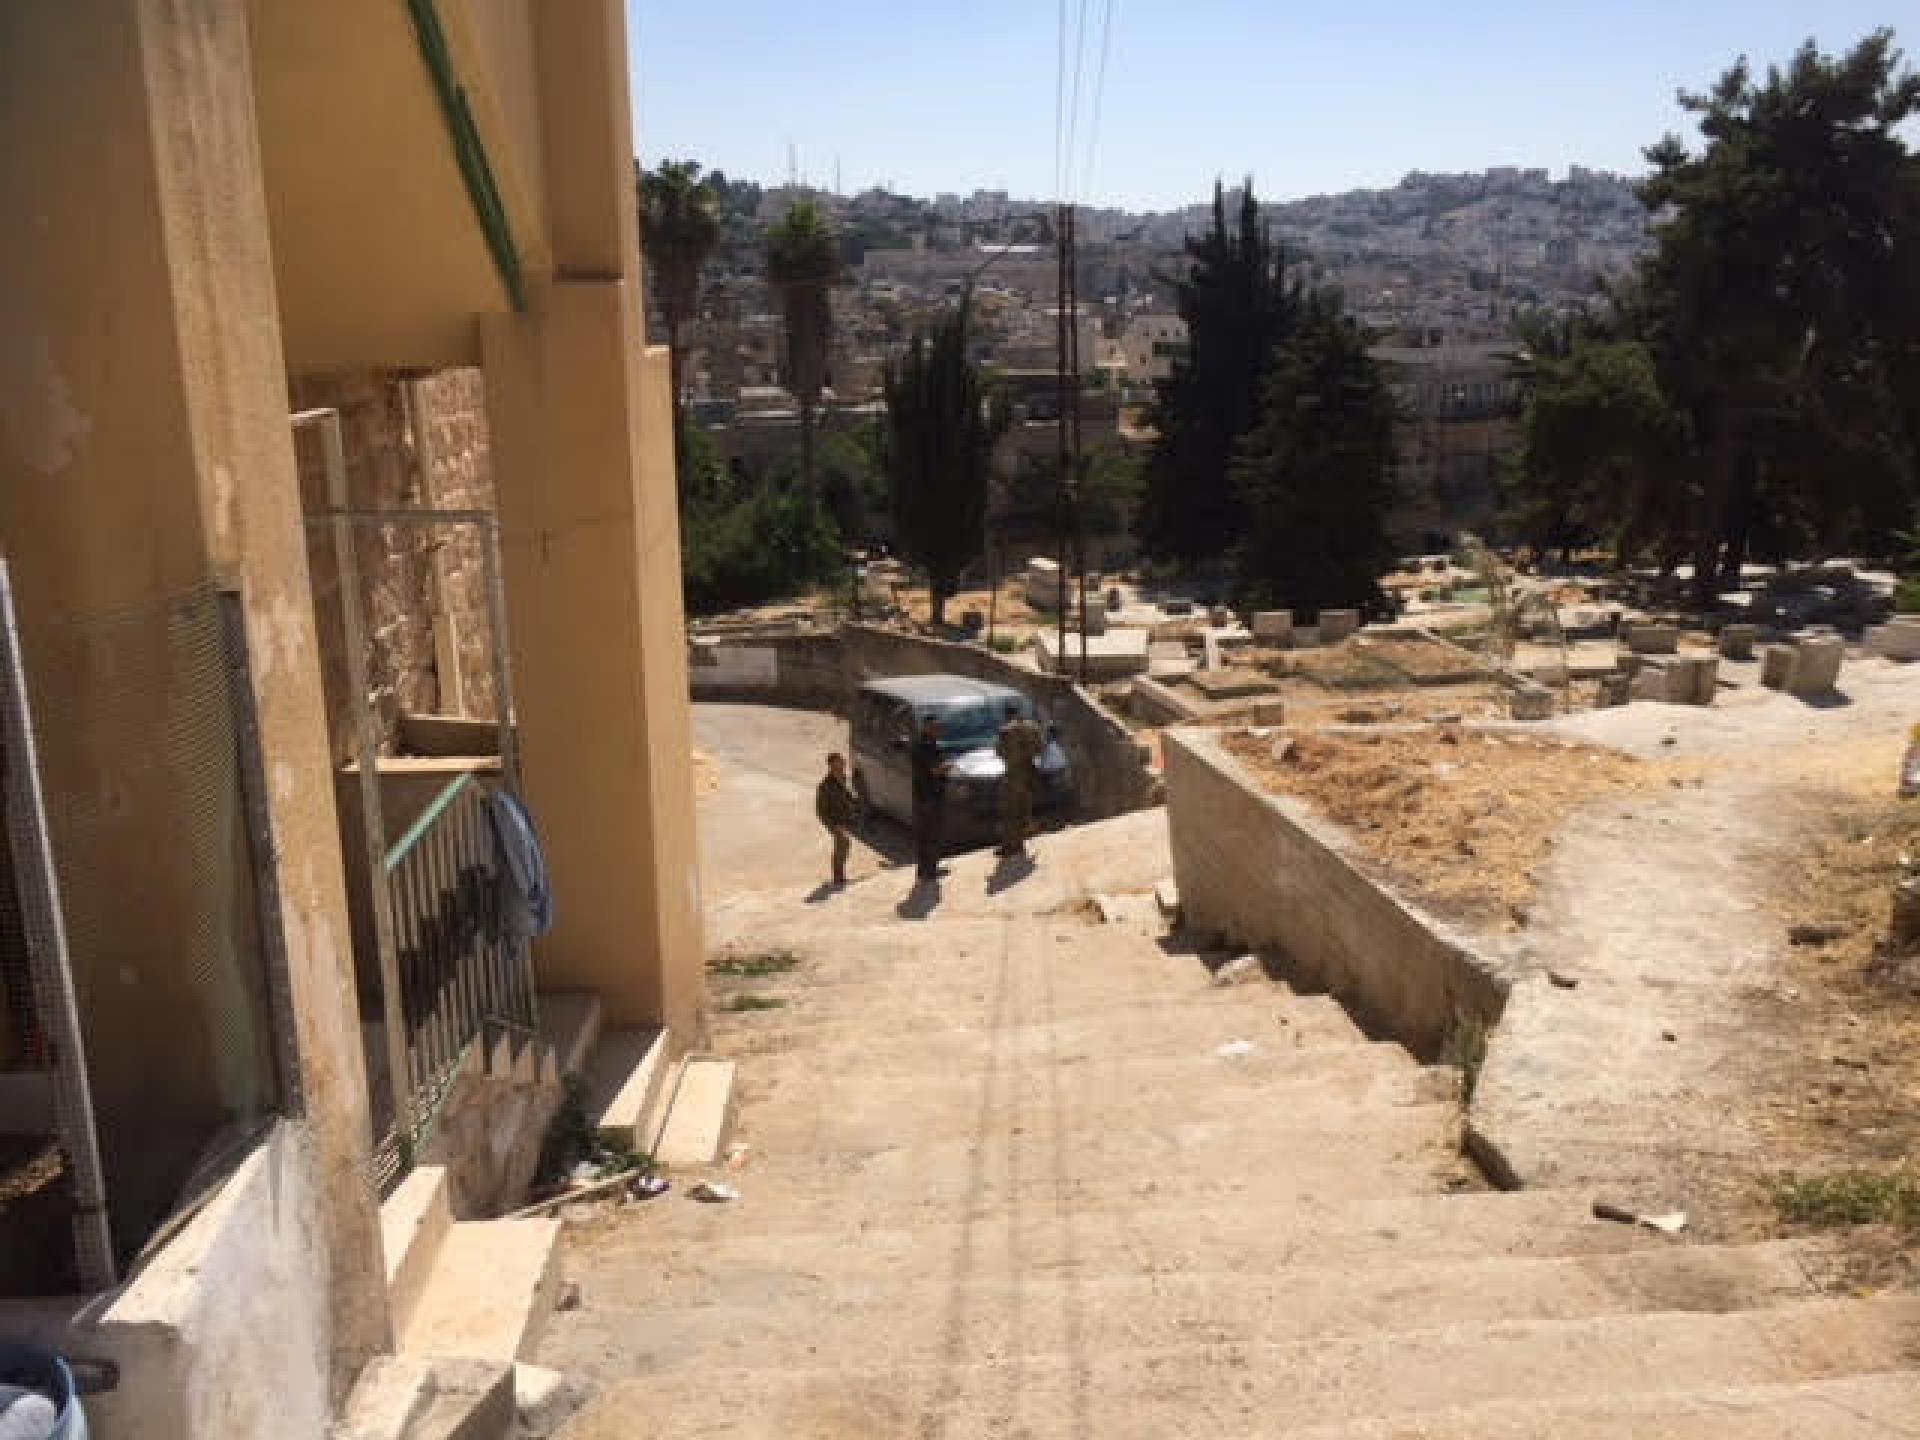 המדרגות לביתו של אידריס שמשם הורידו אותנו החיילים